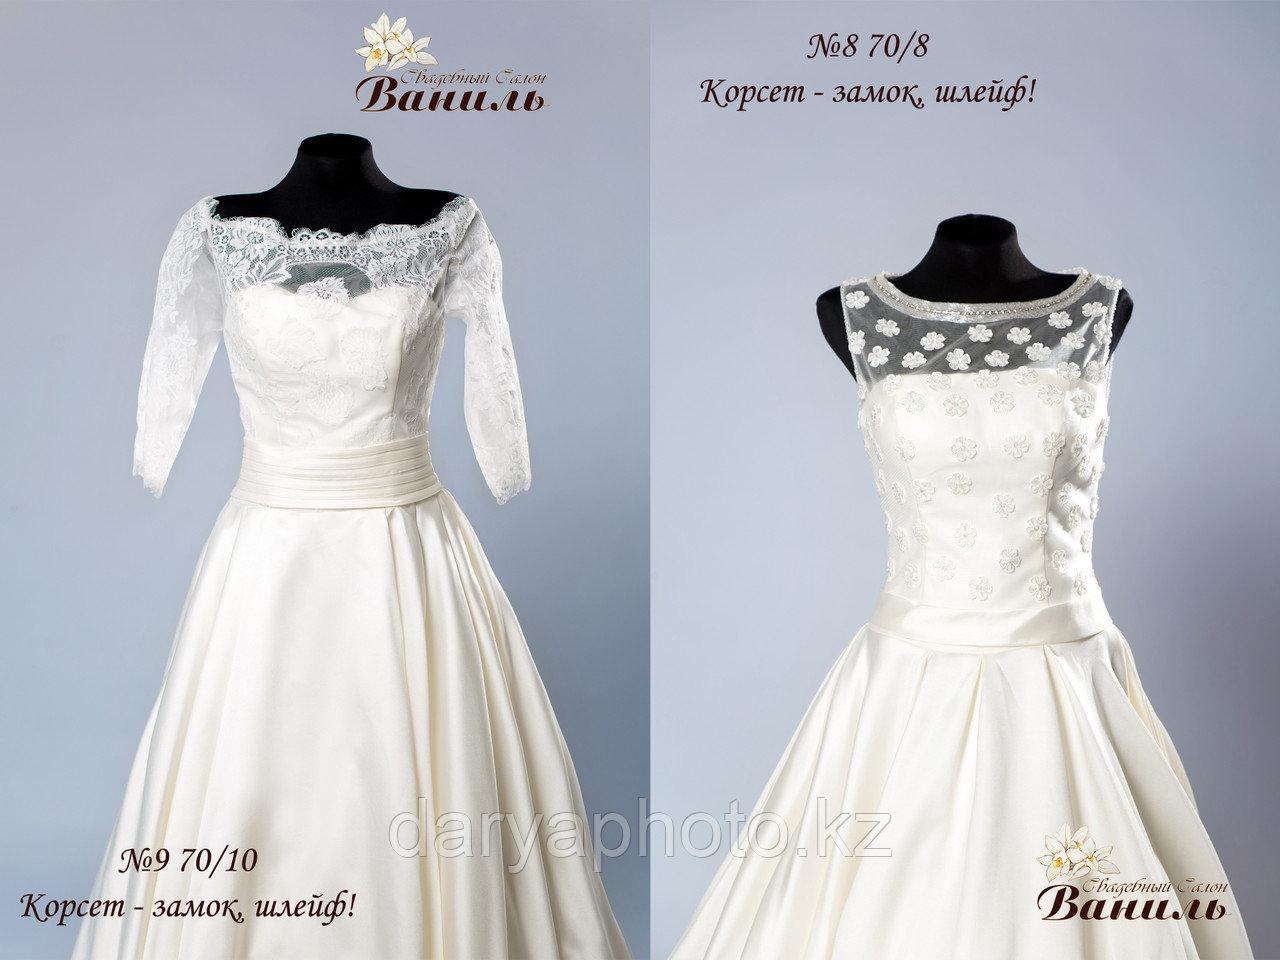 Свадебное платье - атласный шлейф - фото 1